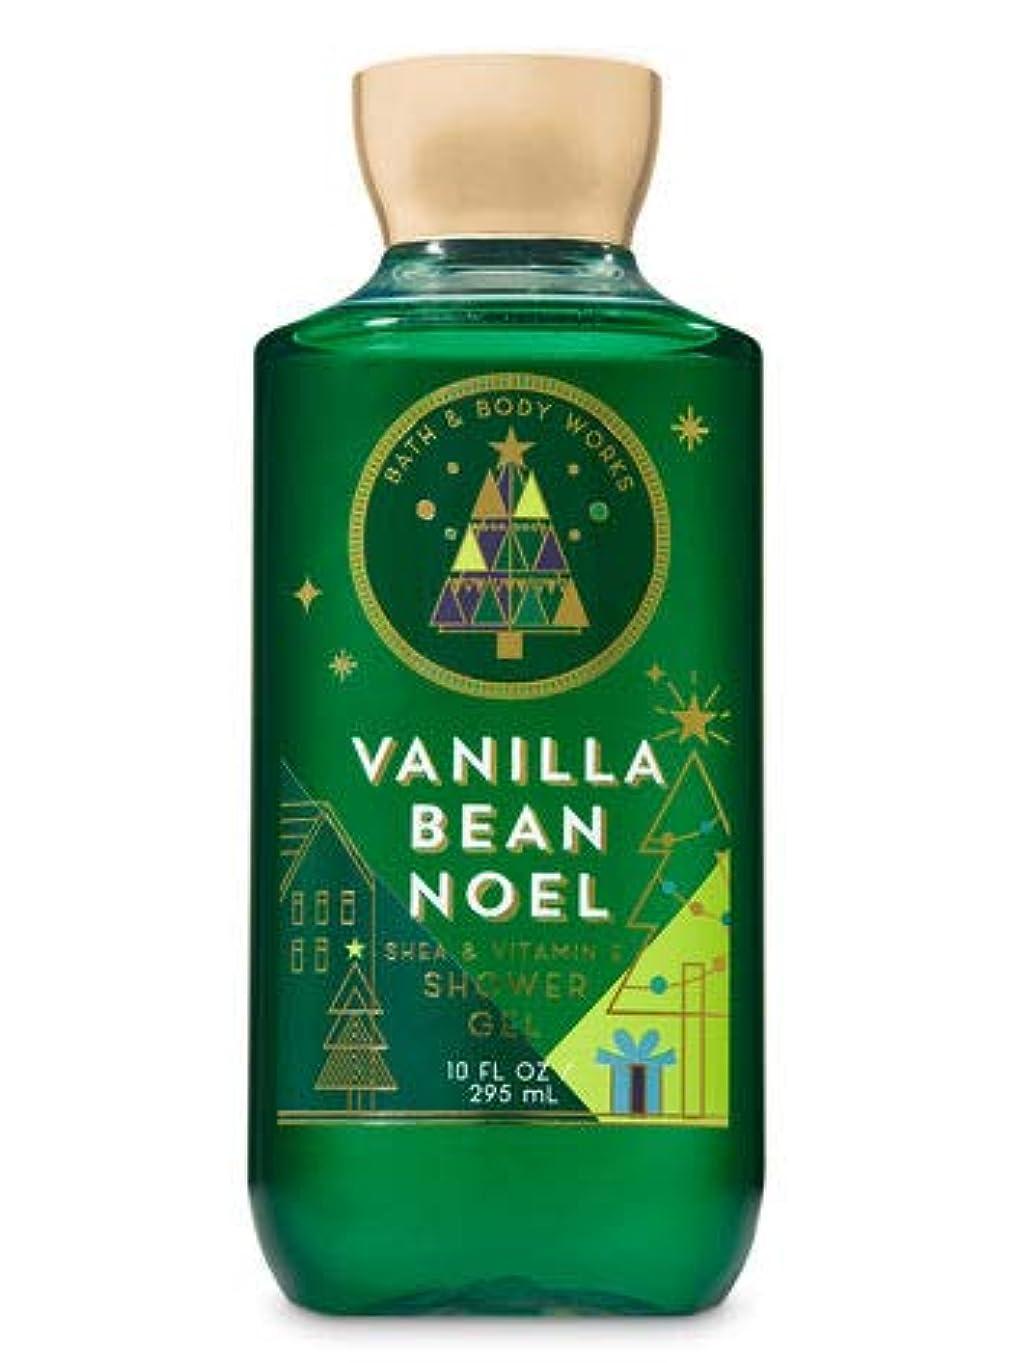 テレビ何故なの抜け目がない【Bath&Body Works/バス&ボディワークス】 シャワージェル バニラビーンノエル Shower Gel Vanilla Bean Noel 10 fl oz / 295 mL [並行輸入品]